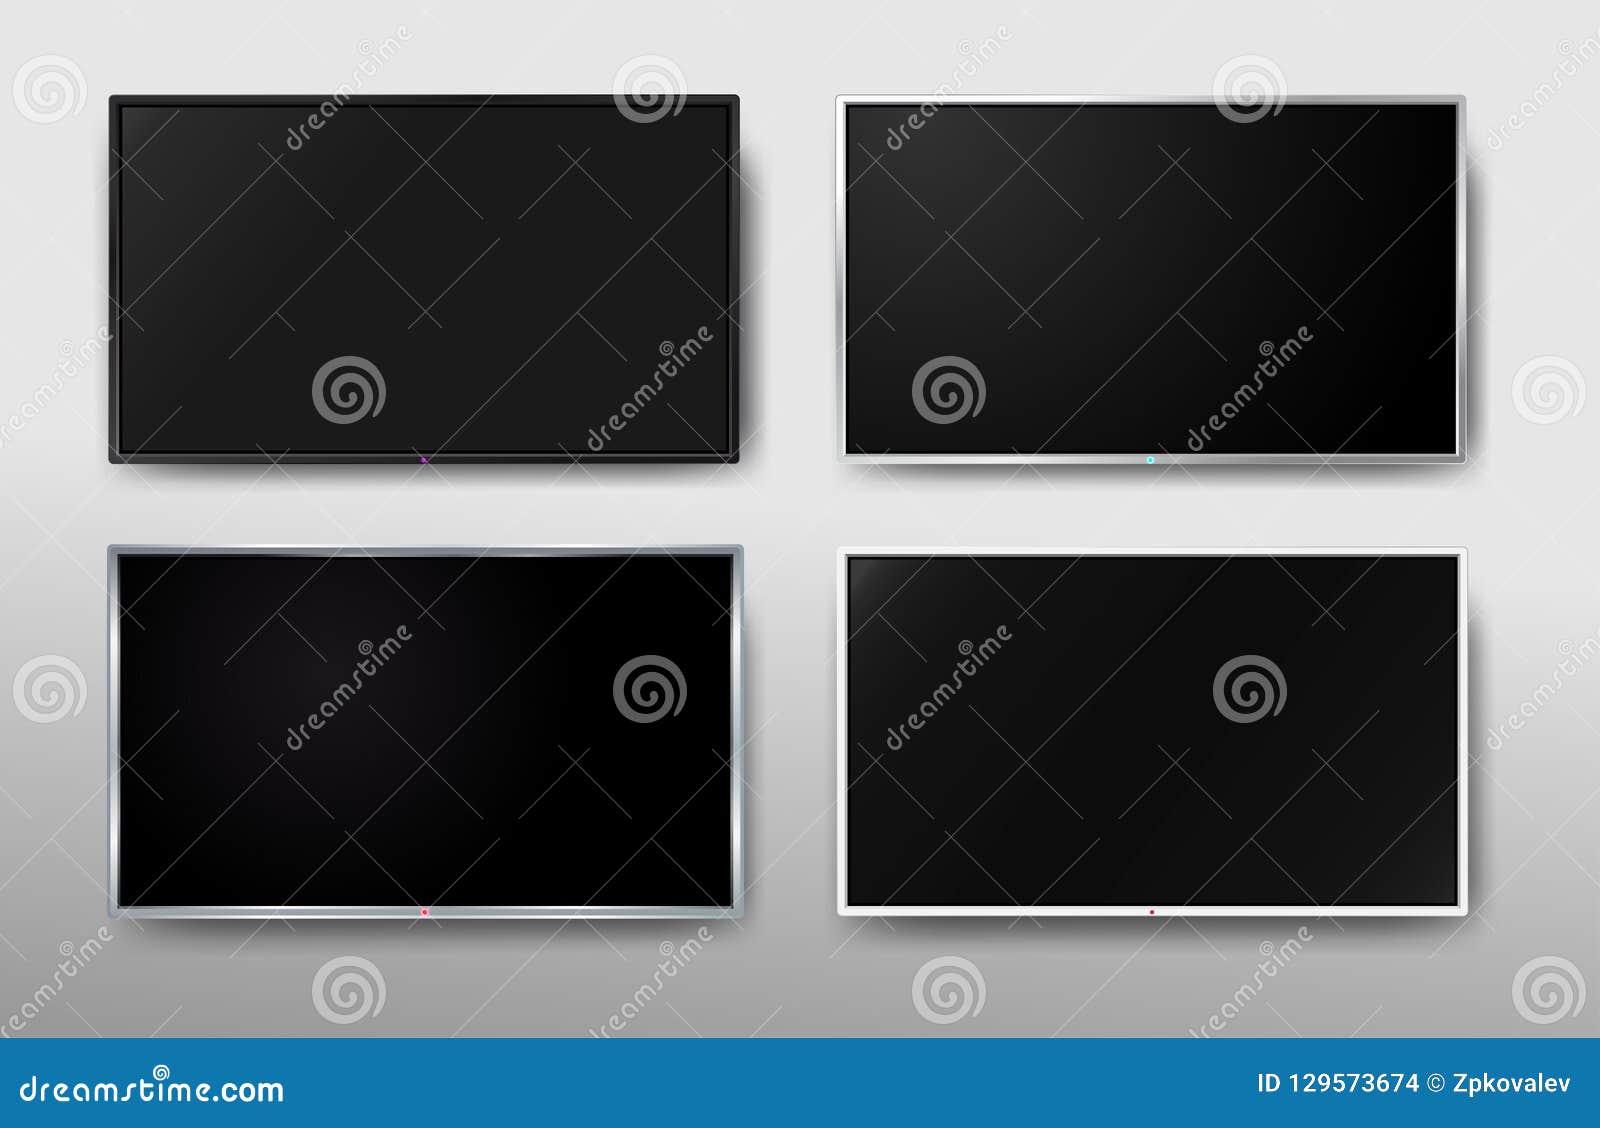 Σύνολο σύγχρονης οθόνης TV Ευρεία TV επίδειξης Ψηφιακή ρεαλιστική μαύρη οθόνη 4k, οθόνη LCD ή TV των οδηγήσεων επίσης corel σύρετ